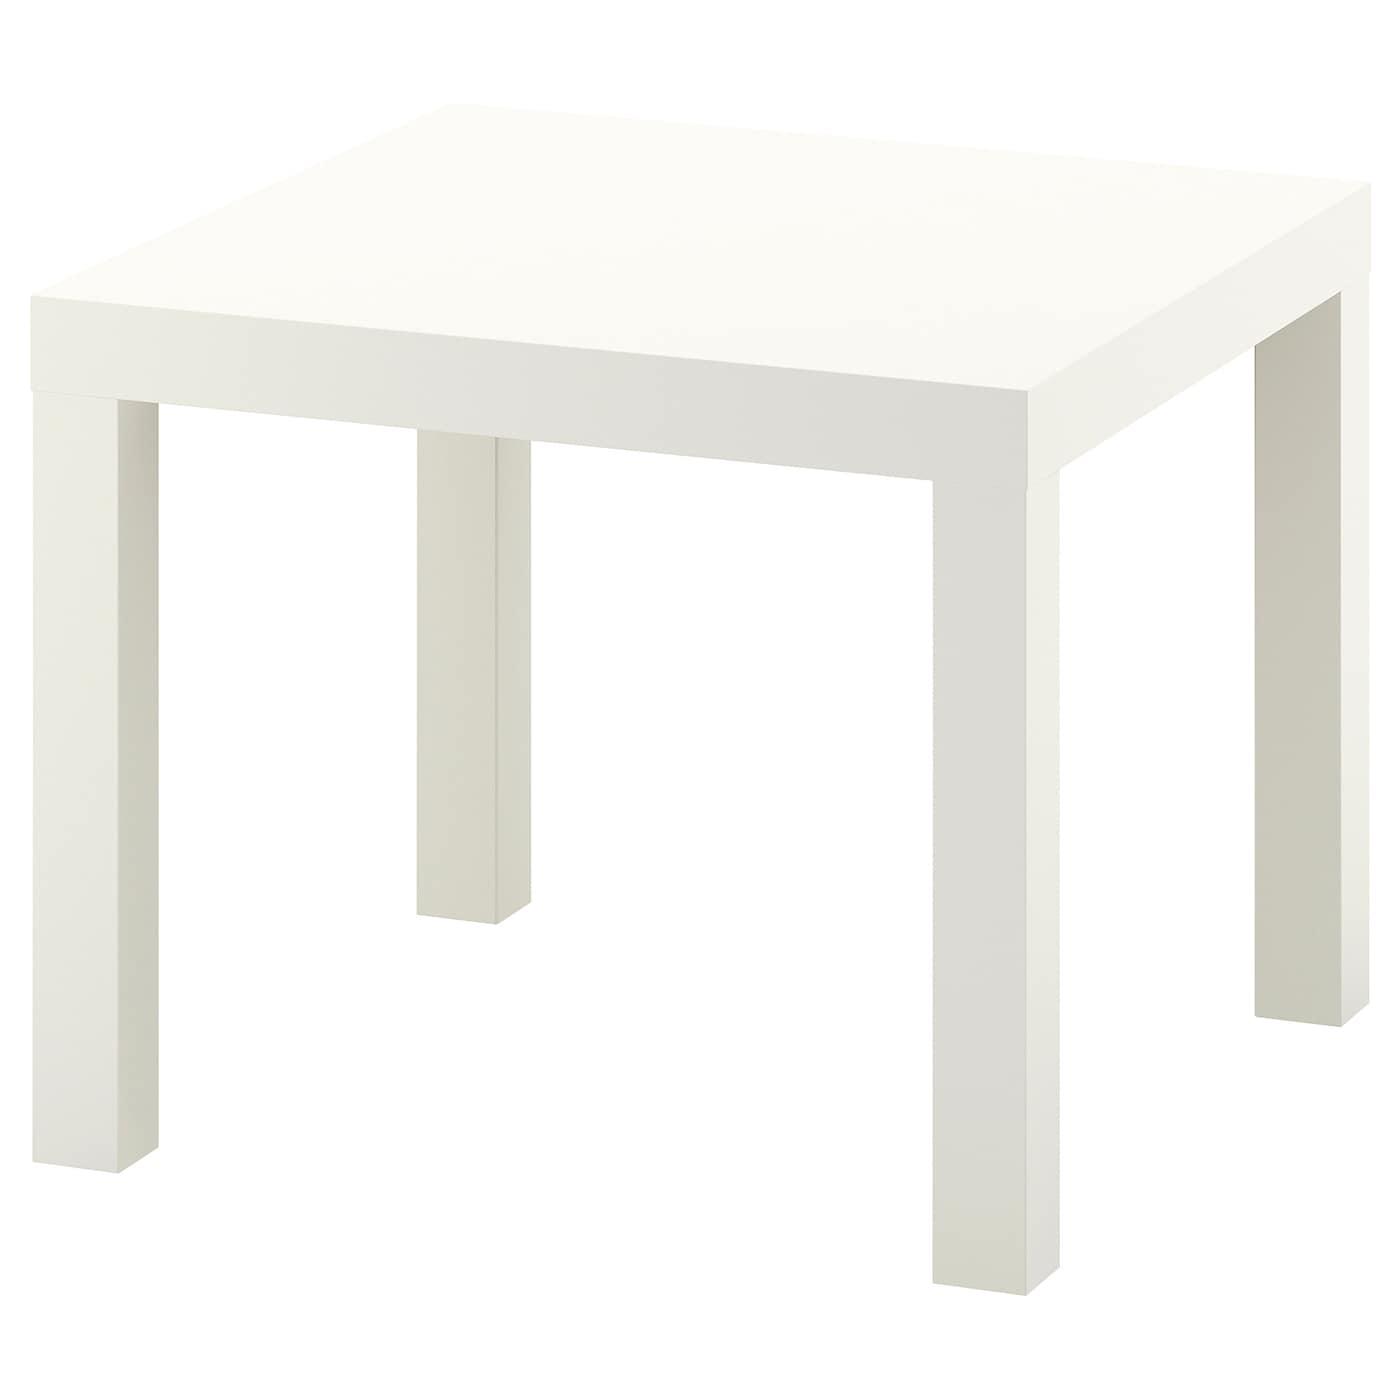 Buy Lack Side Table White 55x55 Cm Online Uae Ikea [ 1400 x 1400 Pixel ]